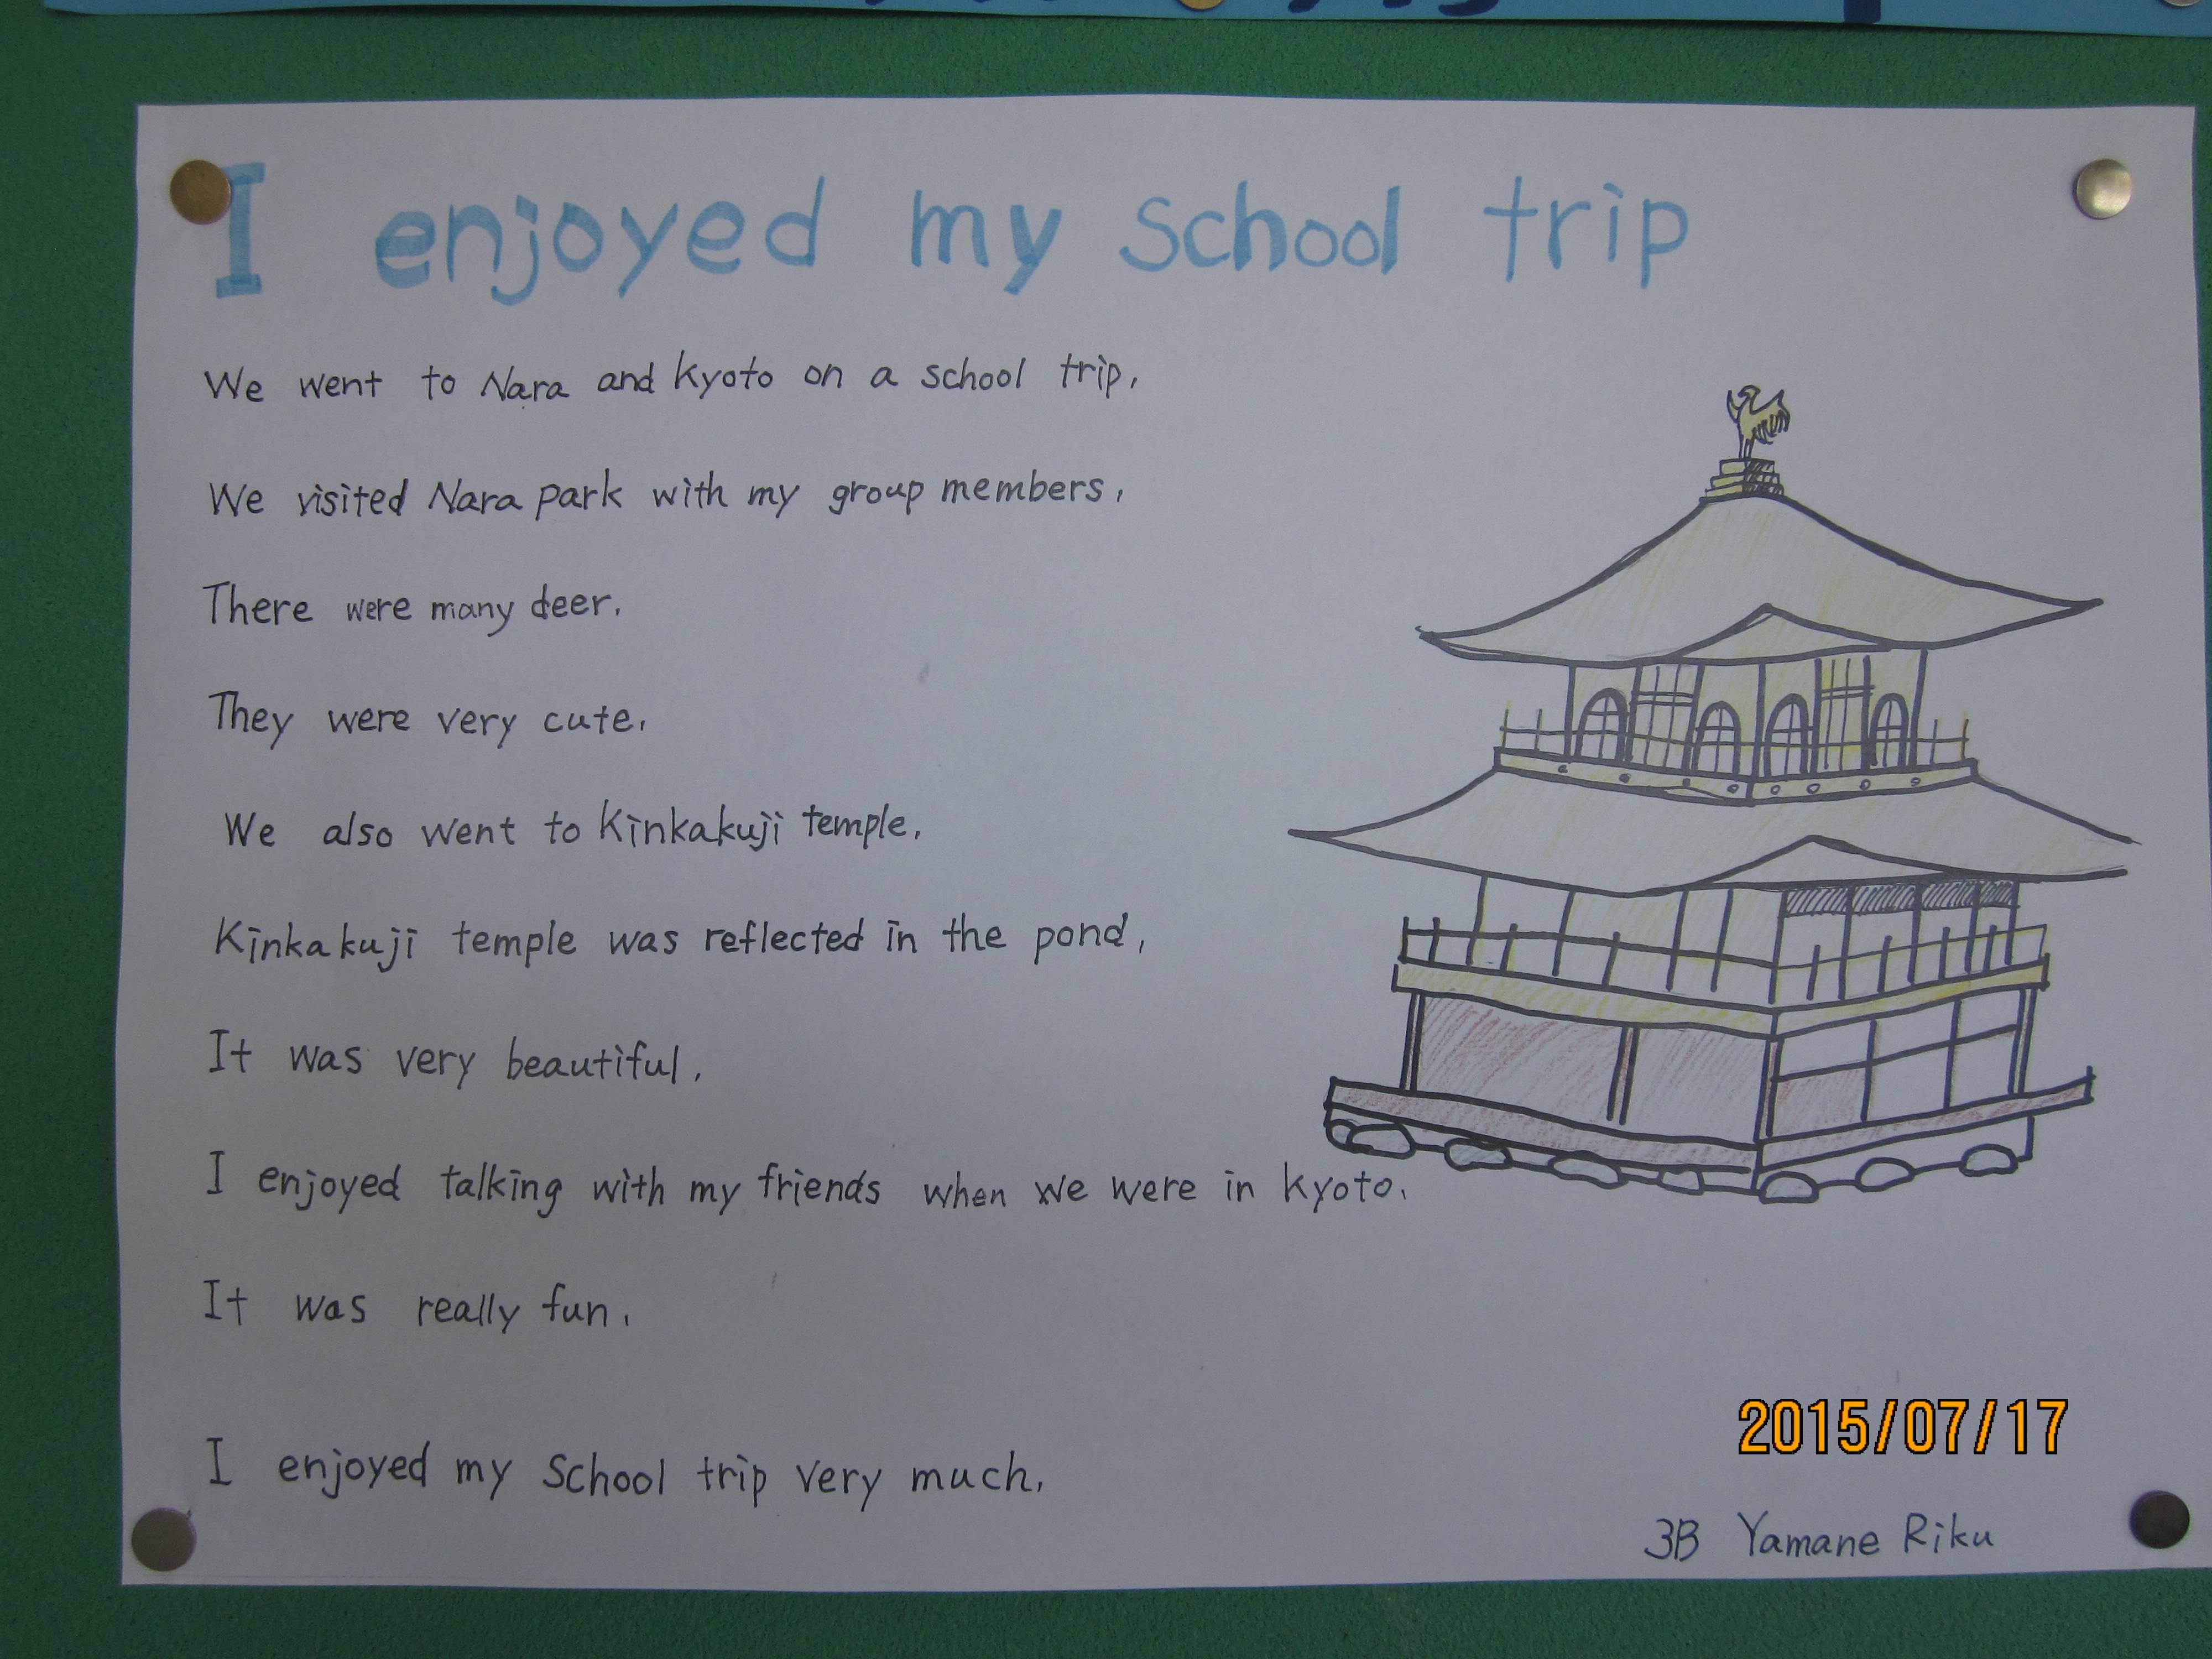 修学 旅行 英語 修学旅行を楽しんでって英語でなんて言うの?